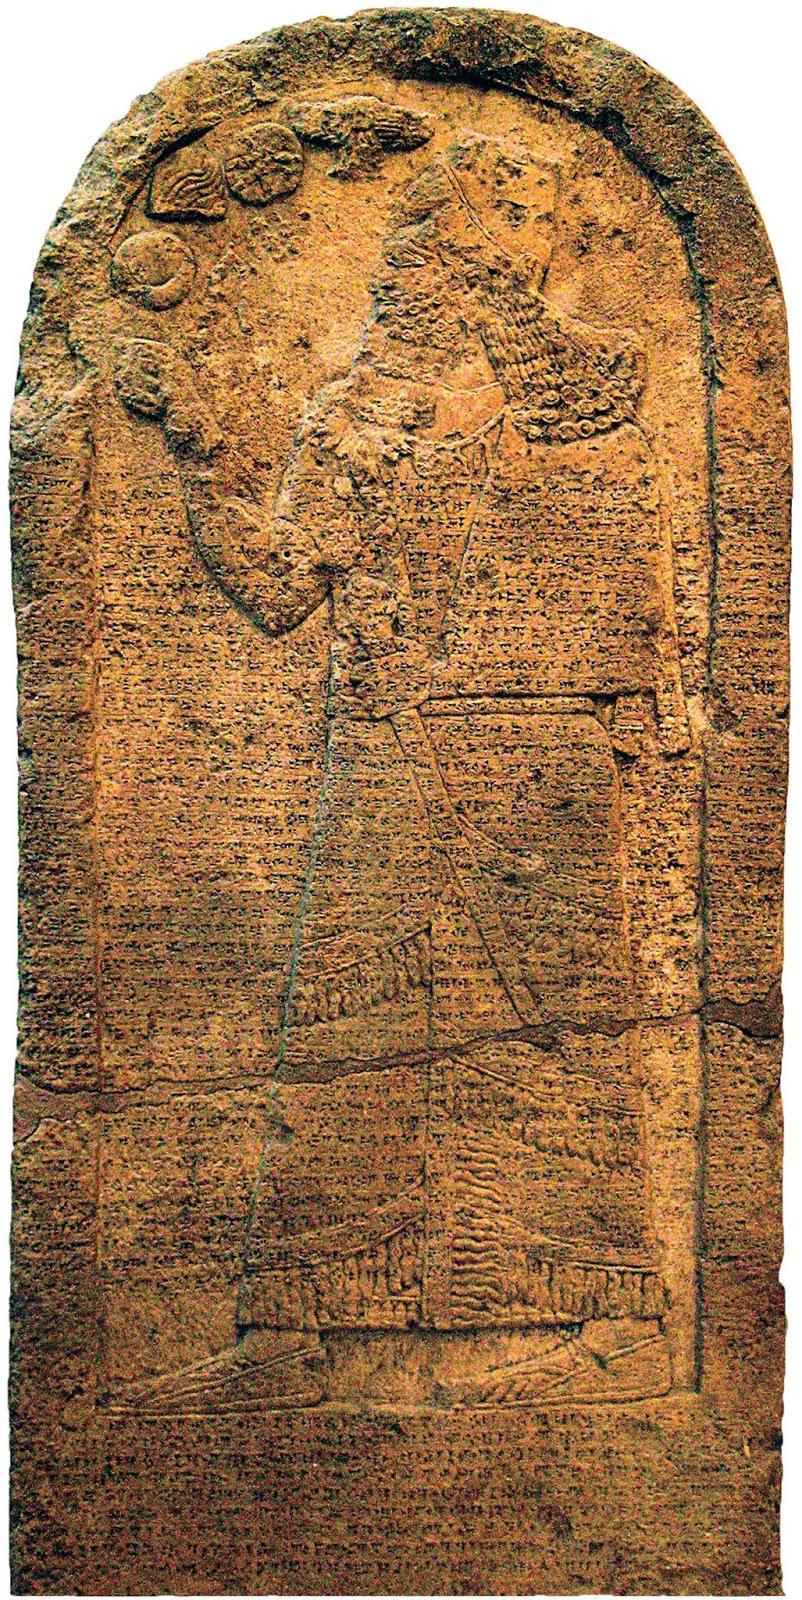 上图:亚述王撒缦以色三世(Shalmaneser III,主前859-824年在位)的库尔德石碑(Kurkh Stela),现存于大英博物馆。碑文记录了主前853年亚述王与反叛的亚兰联军进行的夸夸之战(Battle of Qarqar)。亚兰联军有十二个王,其中就有北国以色列王亚哈,他率领两千辆战车和一万名士兵。亚哈常与亚兰王争战(王上二十1-43),只有最后三年与亚兰没有战争(王上二十二1),在此期间与亚兰联盟抵挡亚述。